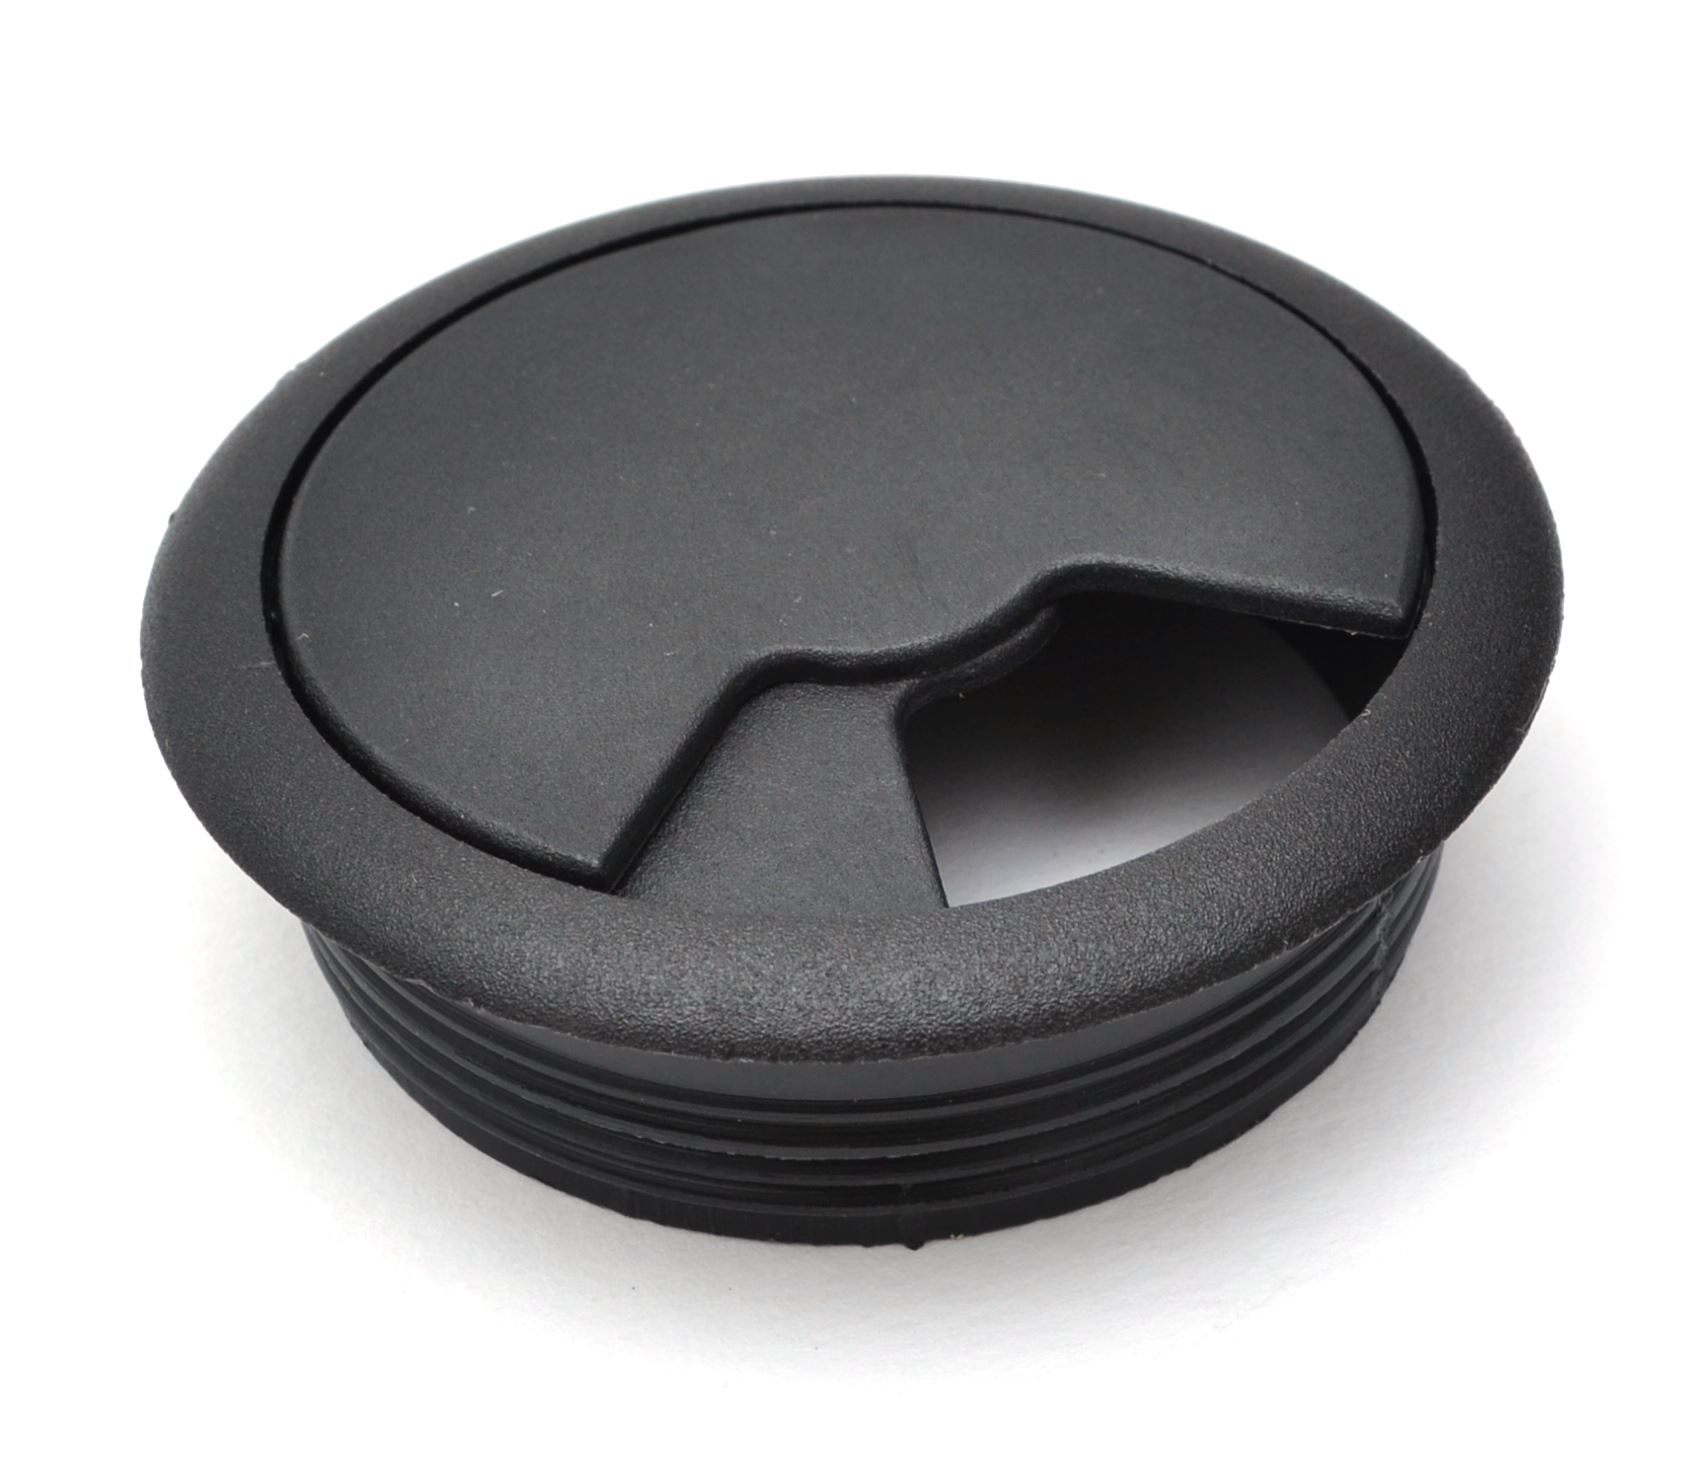 60mm-pc-computer-Scrivania-da-PLASTICA-PASSACAVO-tabella-cavo-ordinato-wire-Hole-copertura miniatura 9